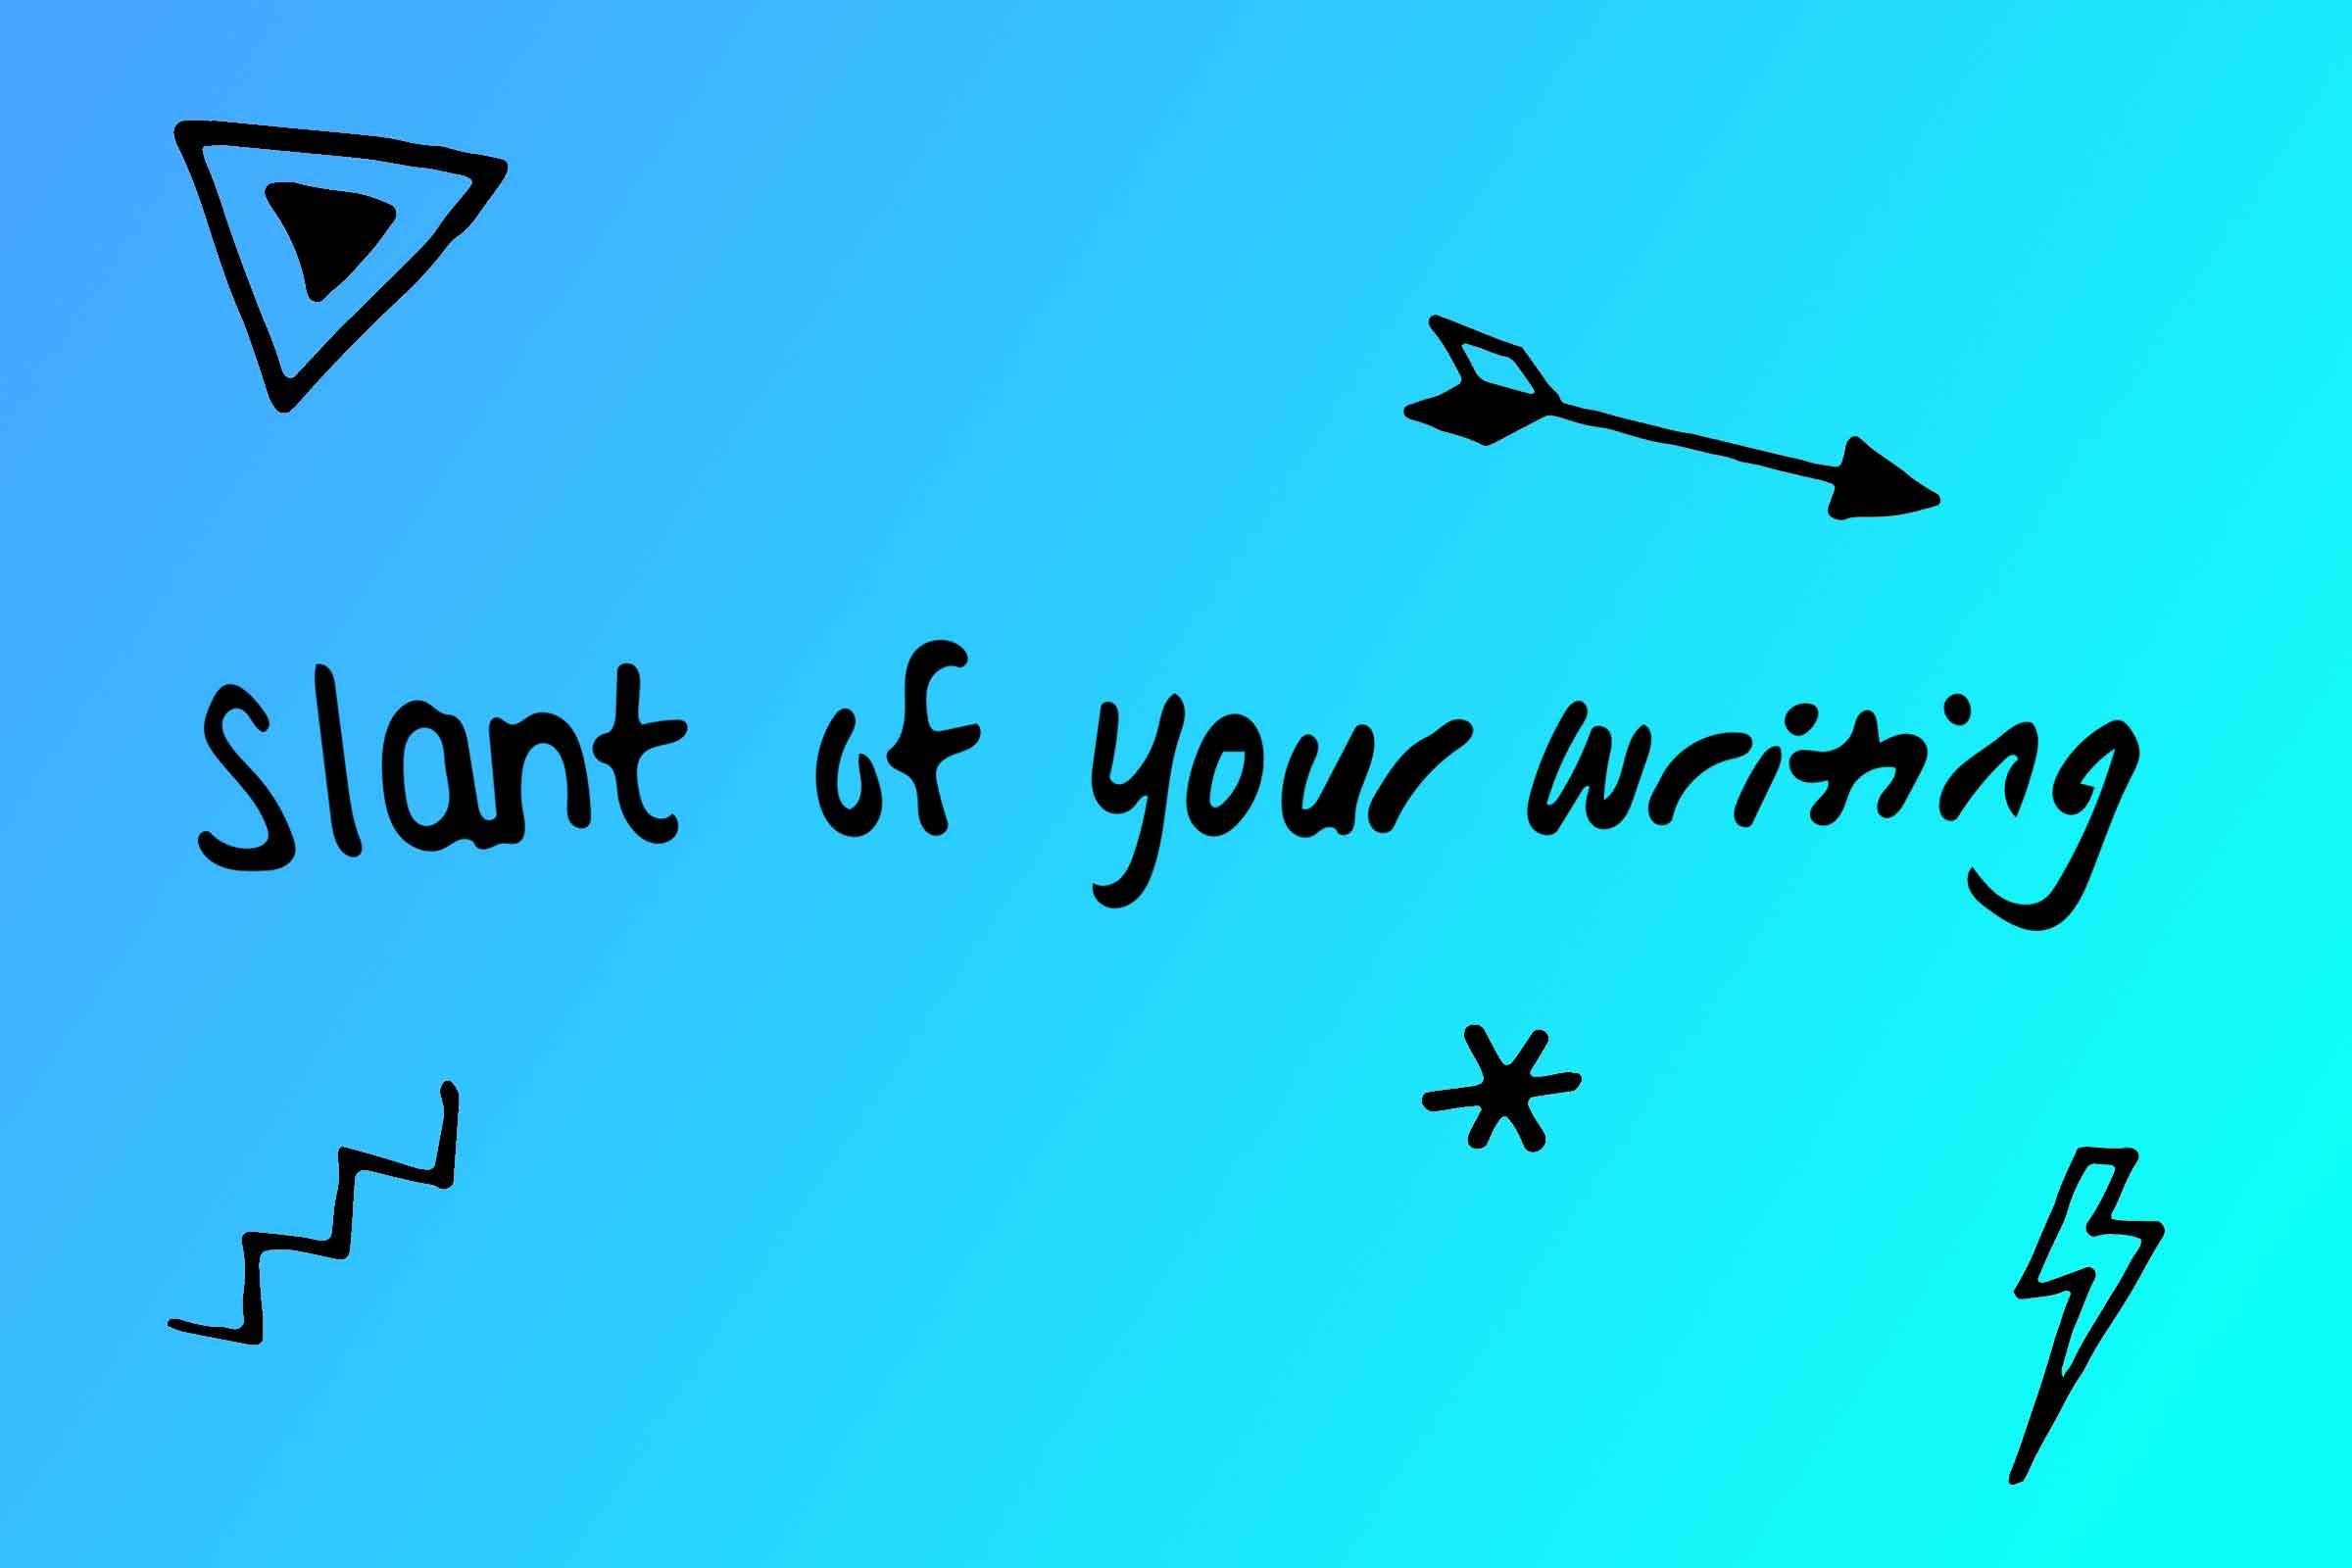 Chỉ cần nhìn chữ viết, tôi có thể nói bạn là người thế nào - Ảnh 12.